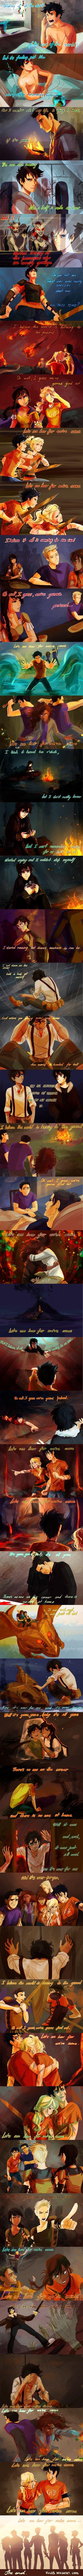 Sei que vou chorar quando acabar de ler o livro...